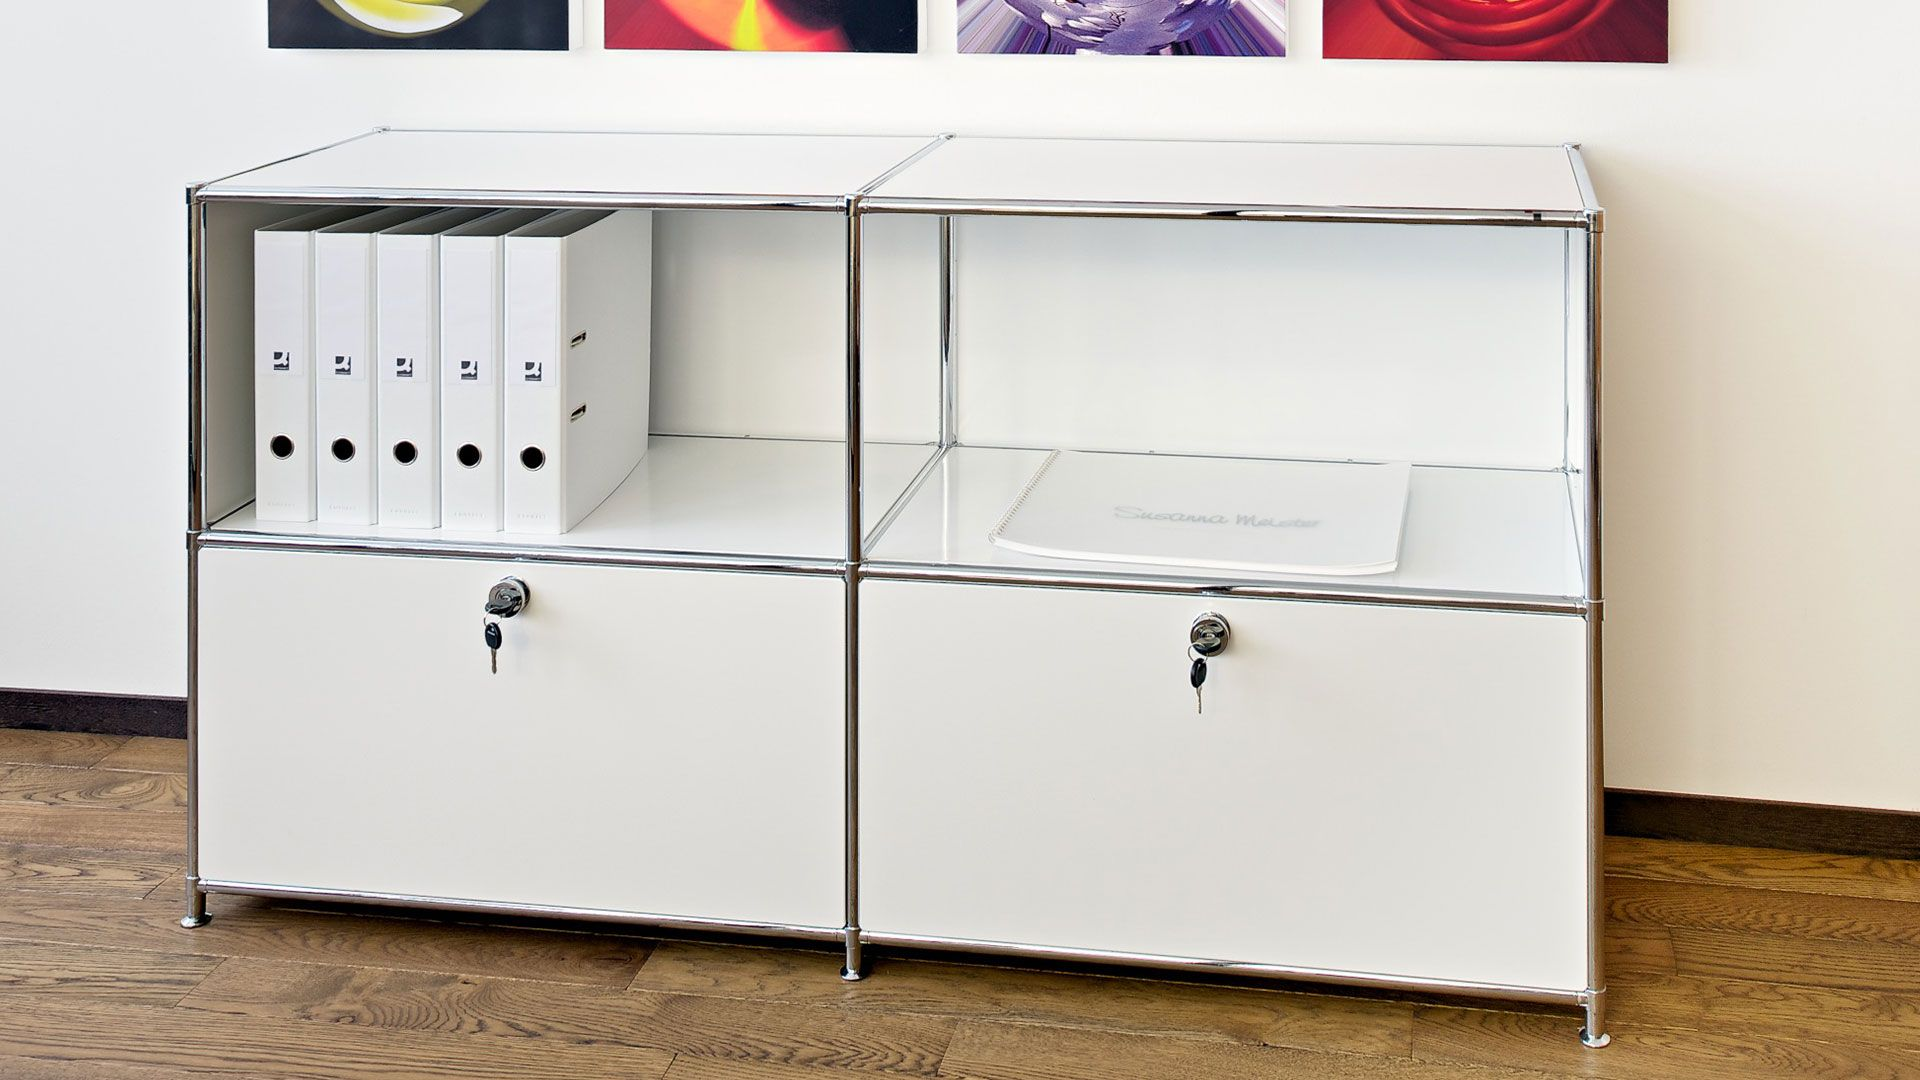 Sideboard Lowboard Bueromoebel Metall Breite 150 cm mit Klapptueren ...